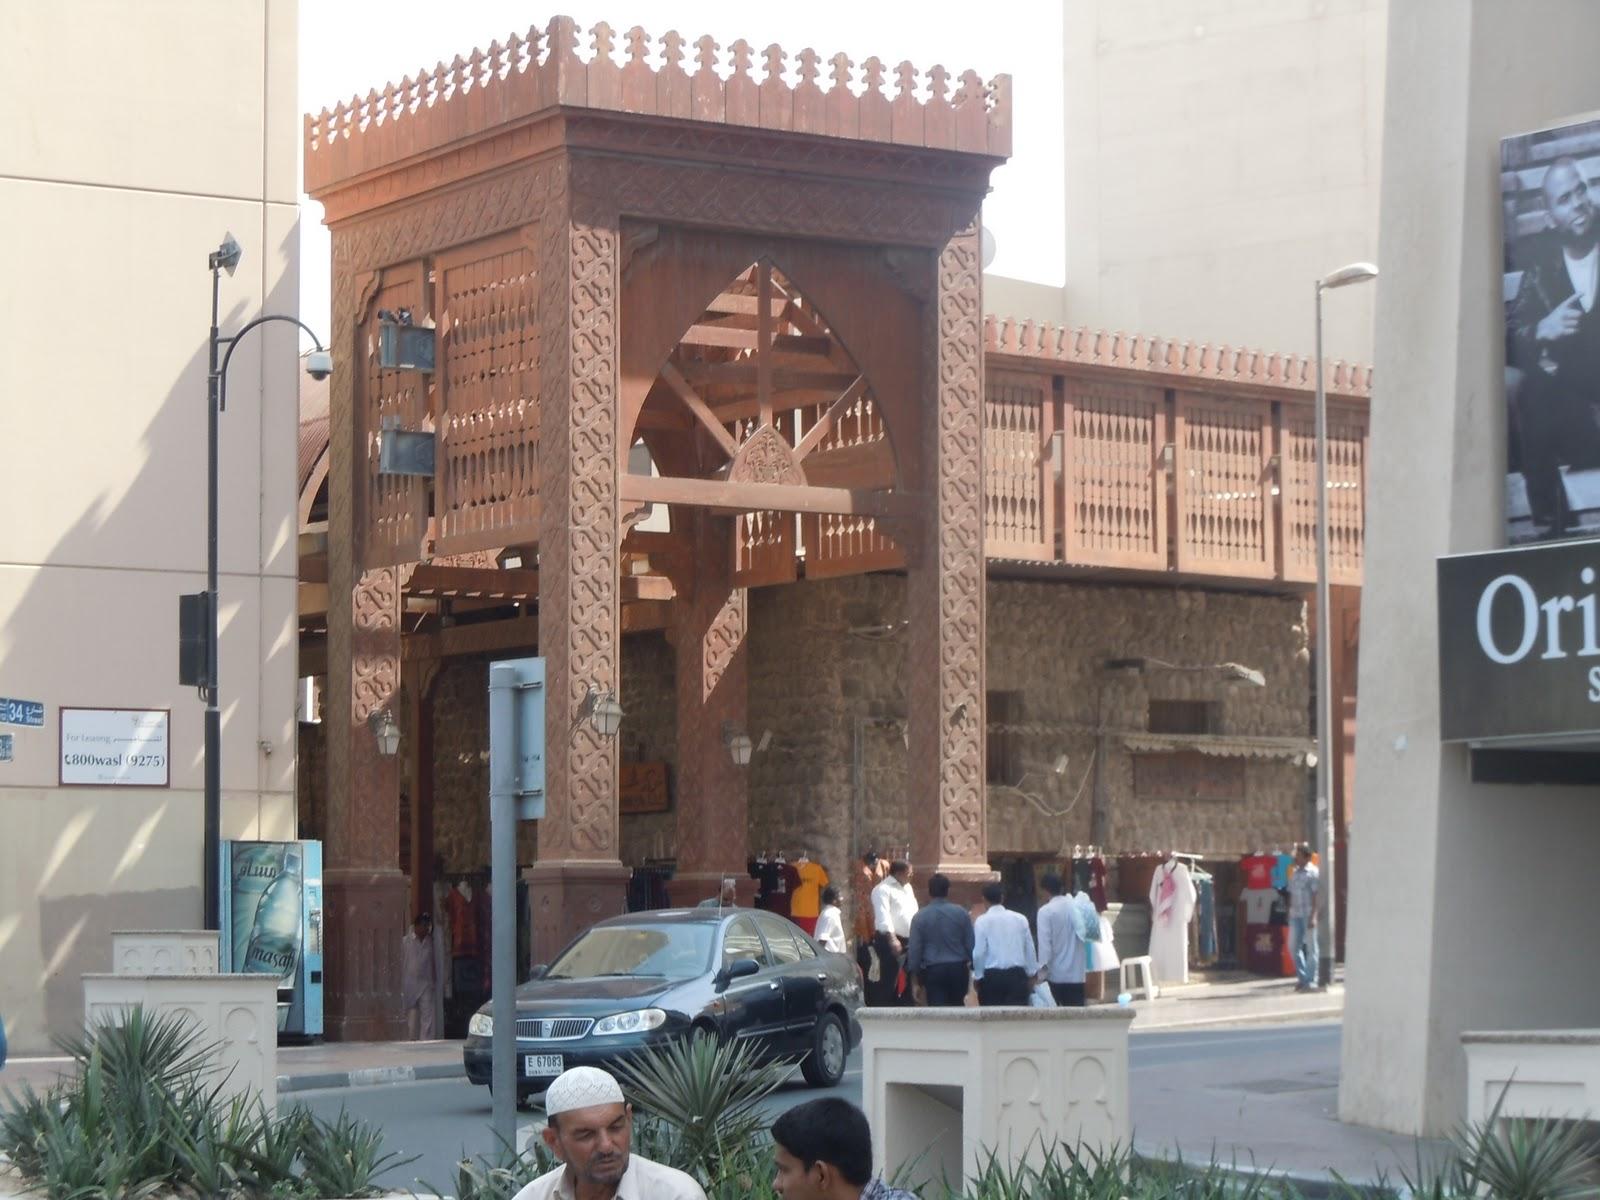 """Θα """"τρίβετε τα μάτια σας"""": Βόλτα στην αγορά χρυσού του Ντουμπάι! Χλιδή σε άλλο επίπεδο"""